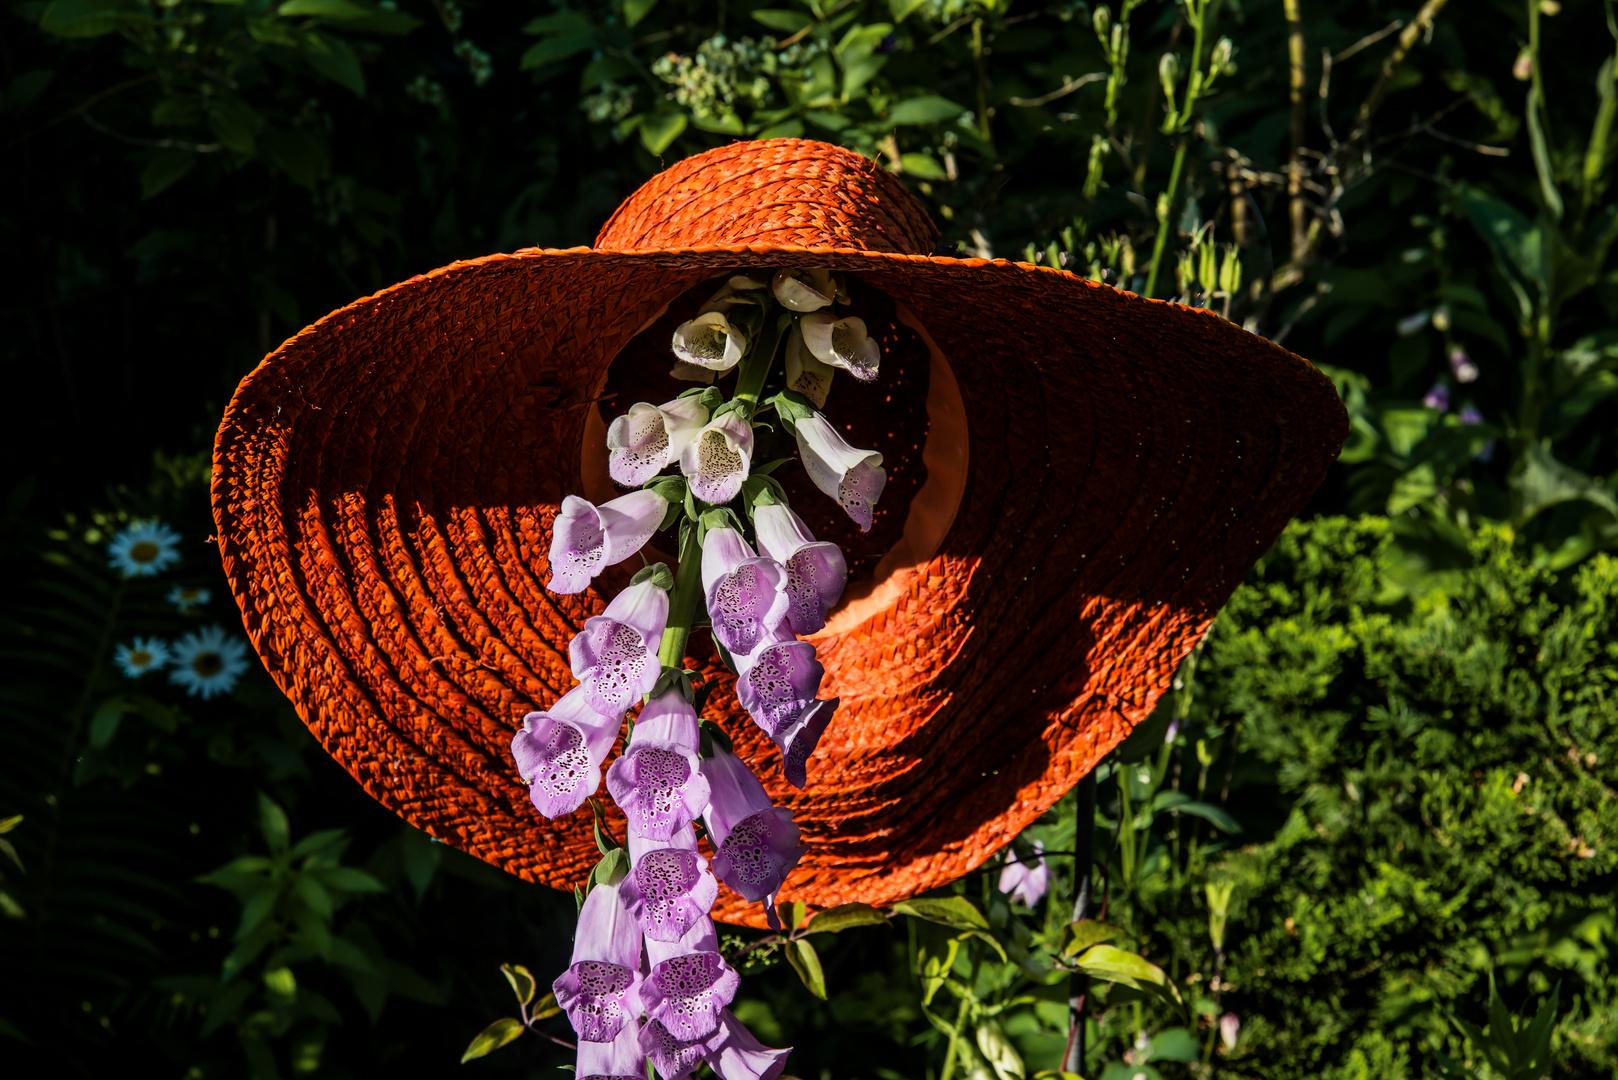 Die Frau von Welt - im Garten trägt sie Hut